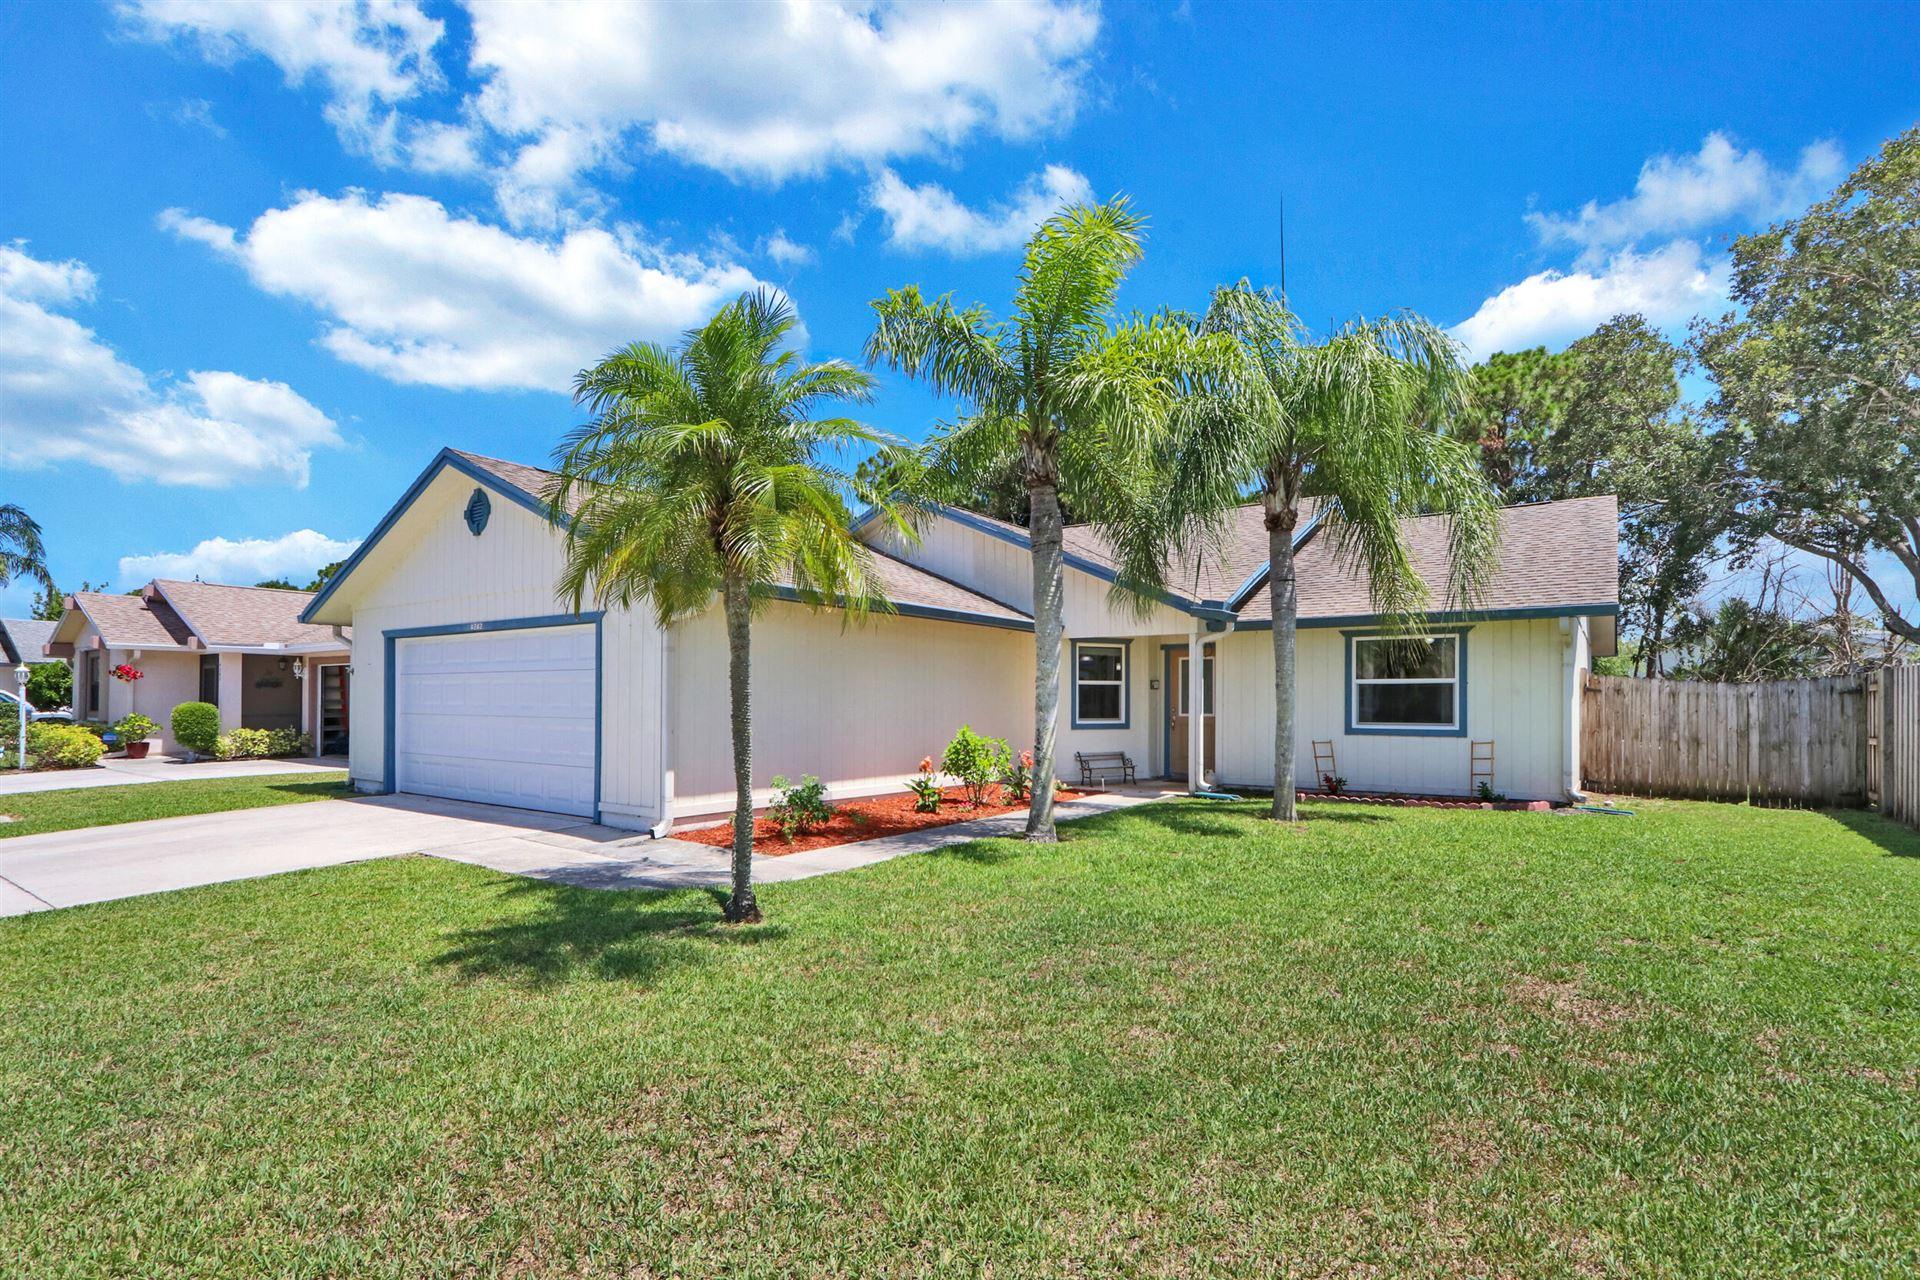 4242 SE Satinleaf Place, Stuart, FL 34997 - MLS#: RX-10722236